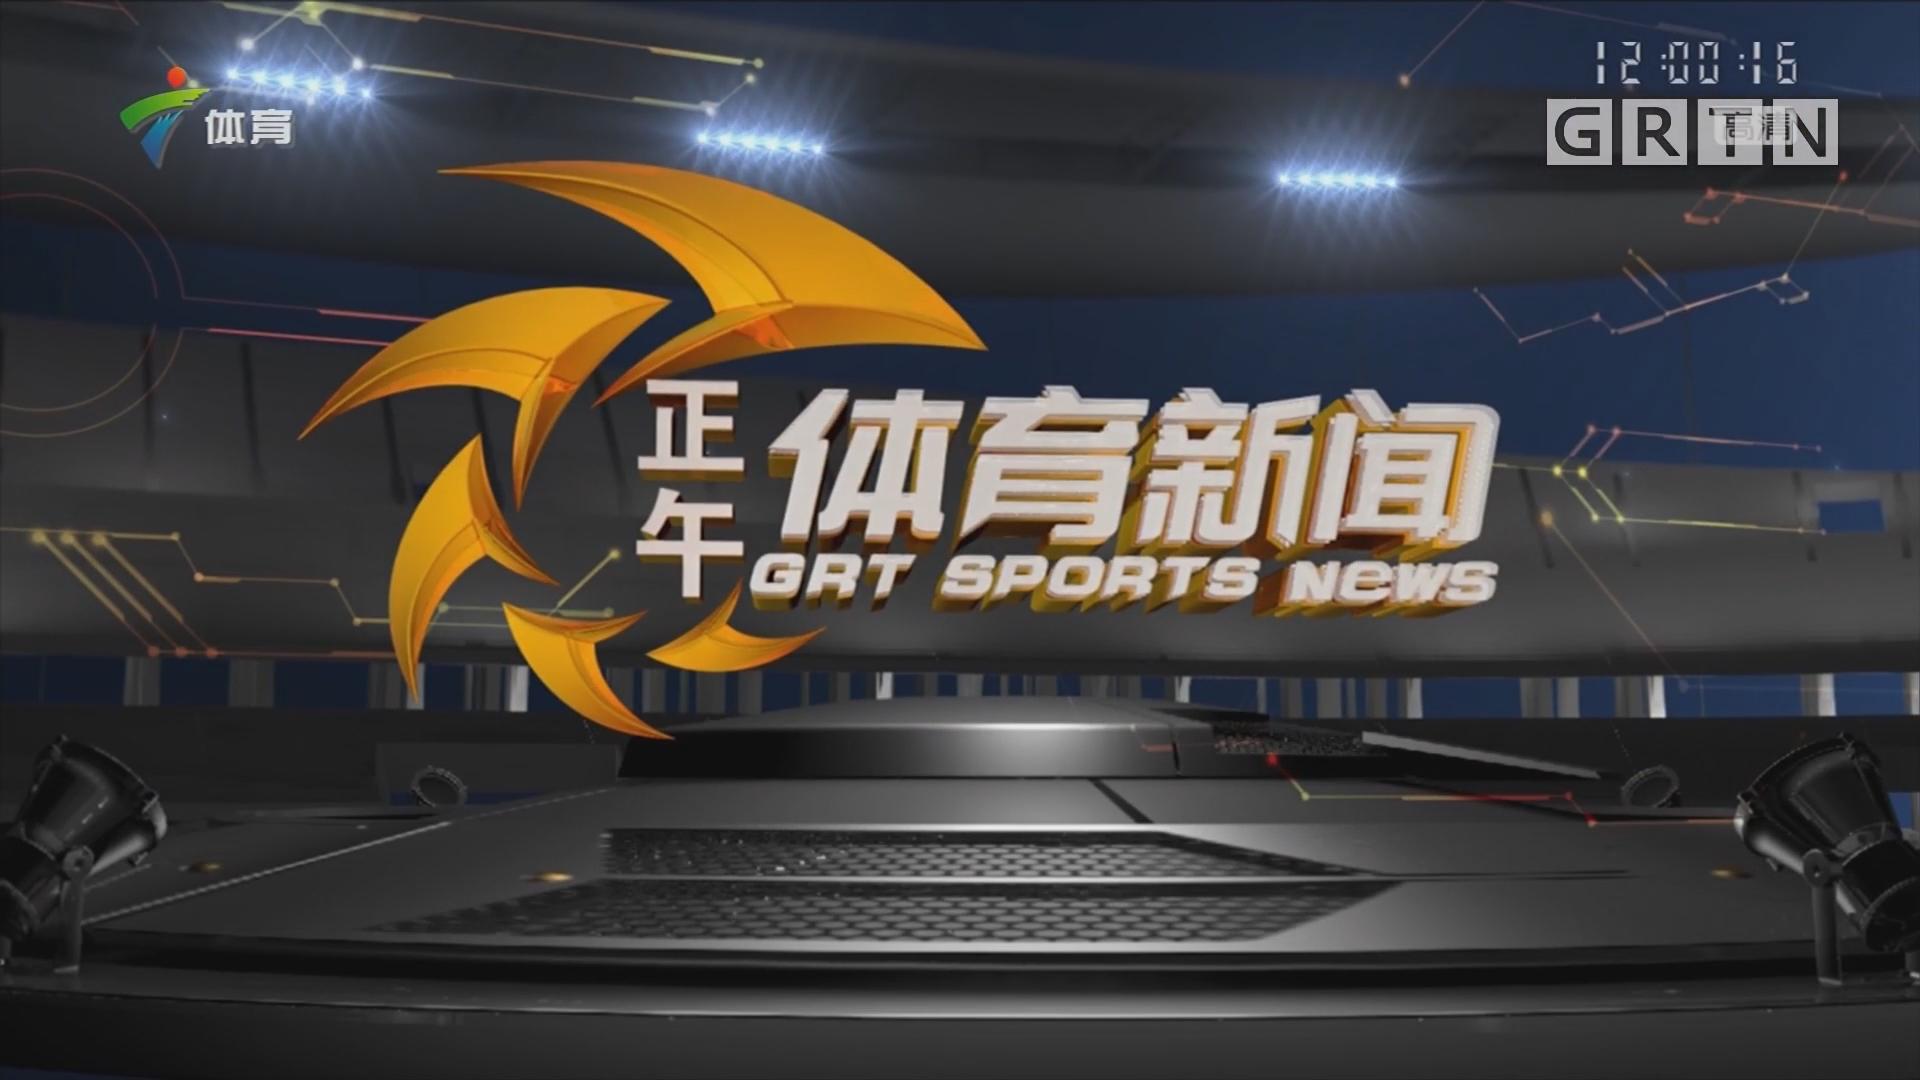 [HD][2018-06-10]正午体育新闻:科斯塔助攻奇兵制胜球 西班牙小胜突尼斯